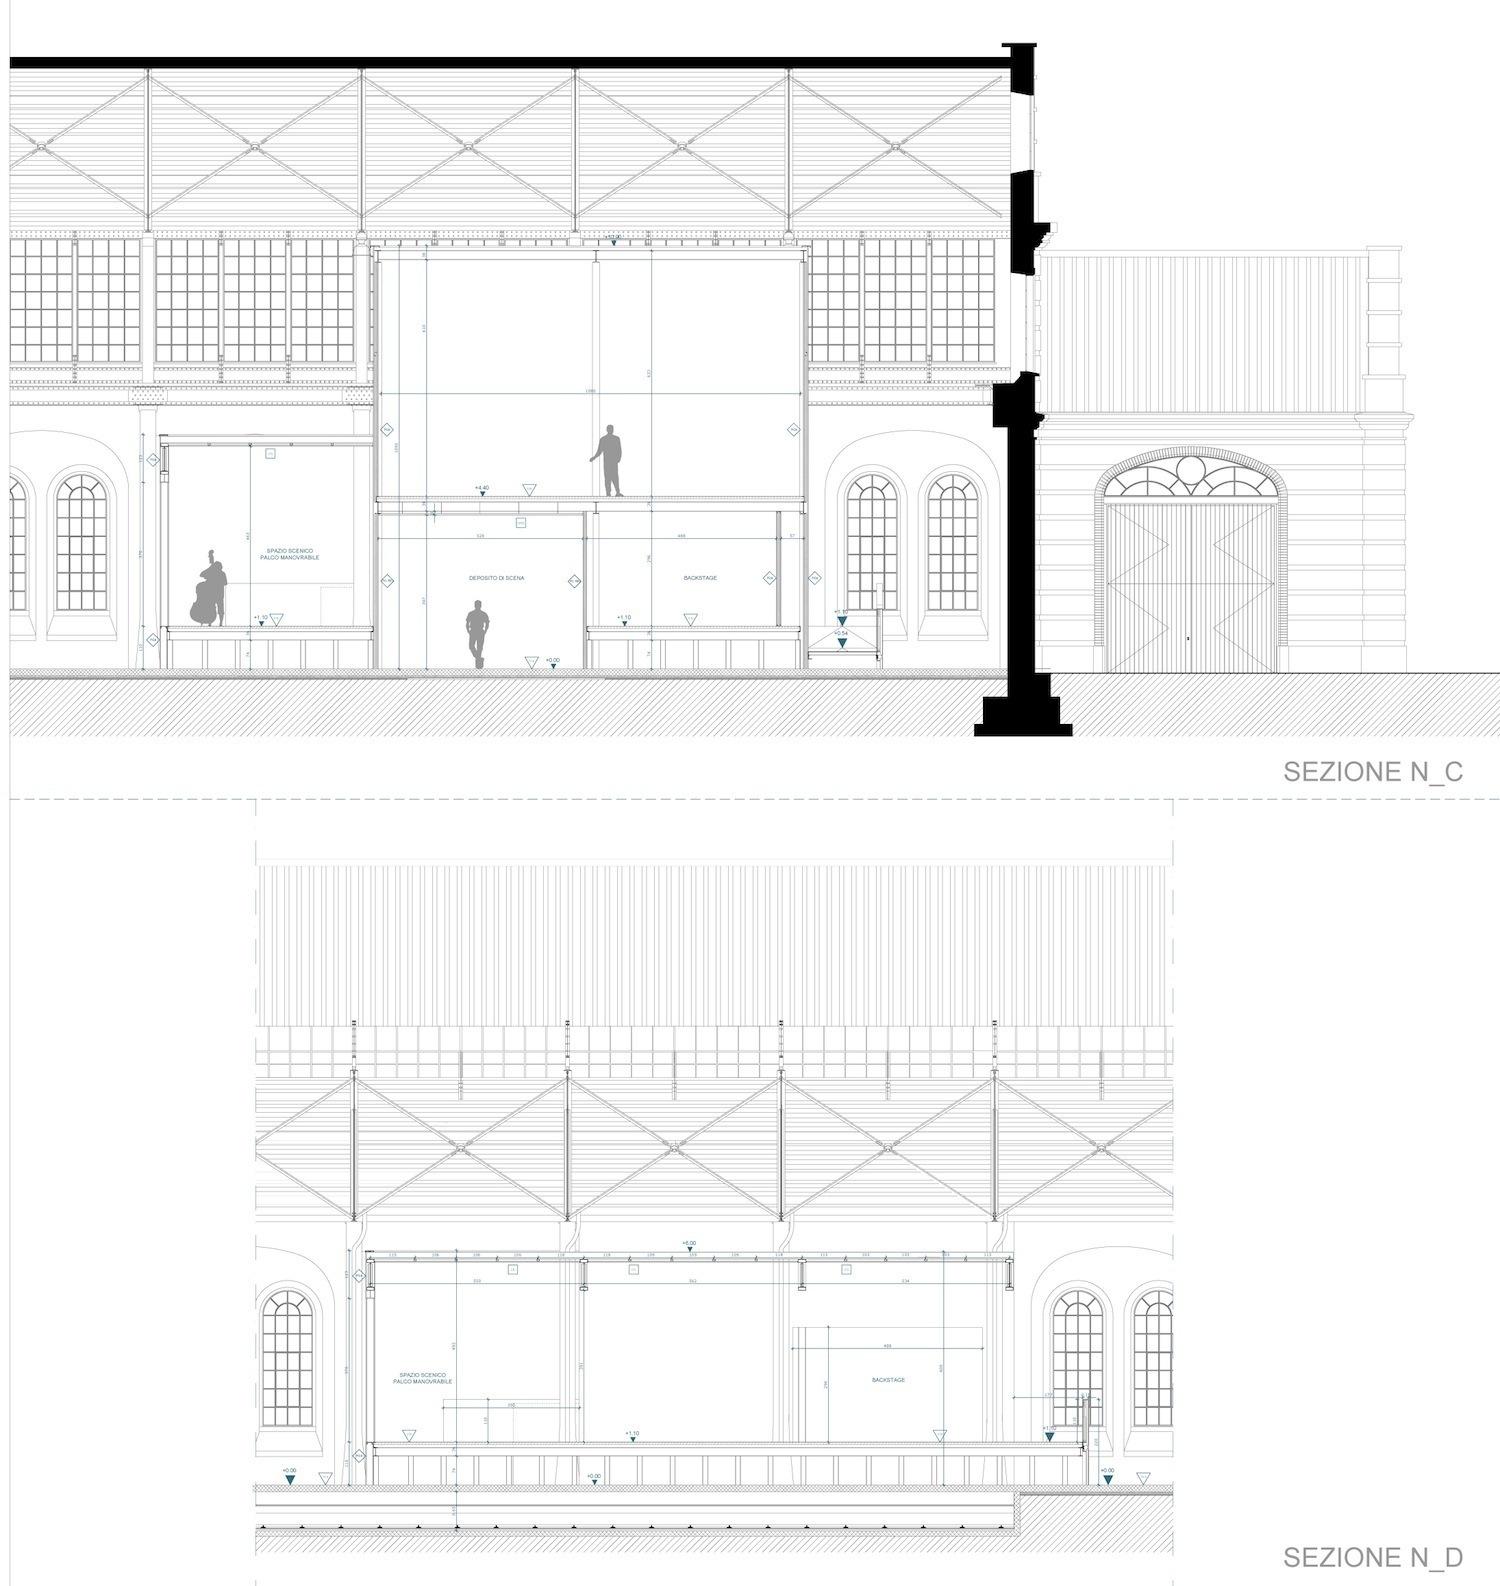 OFFICINE NORD_SEZIONI E DETTAGLI PALCO FOR ENGINEERING ARCHITECTURE}